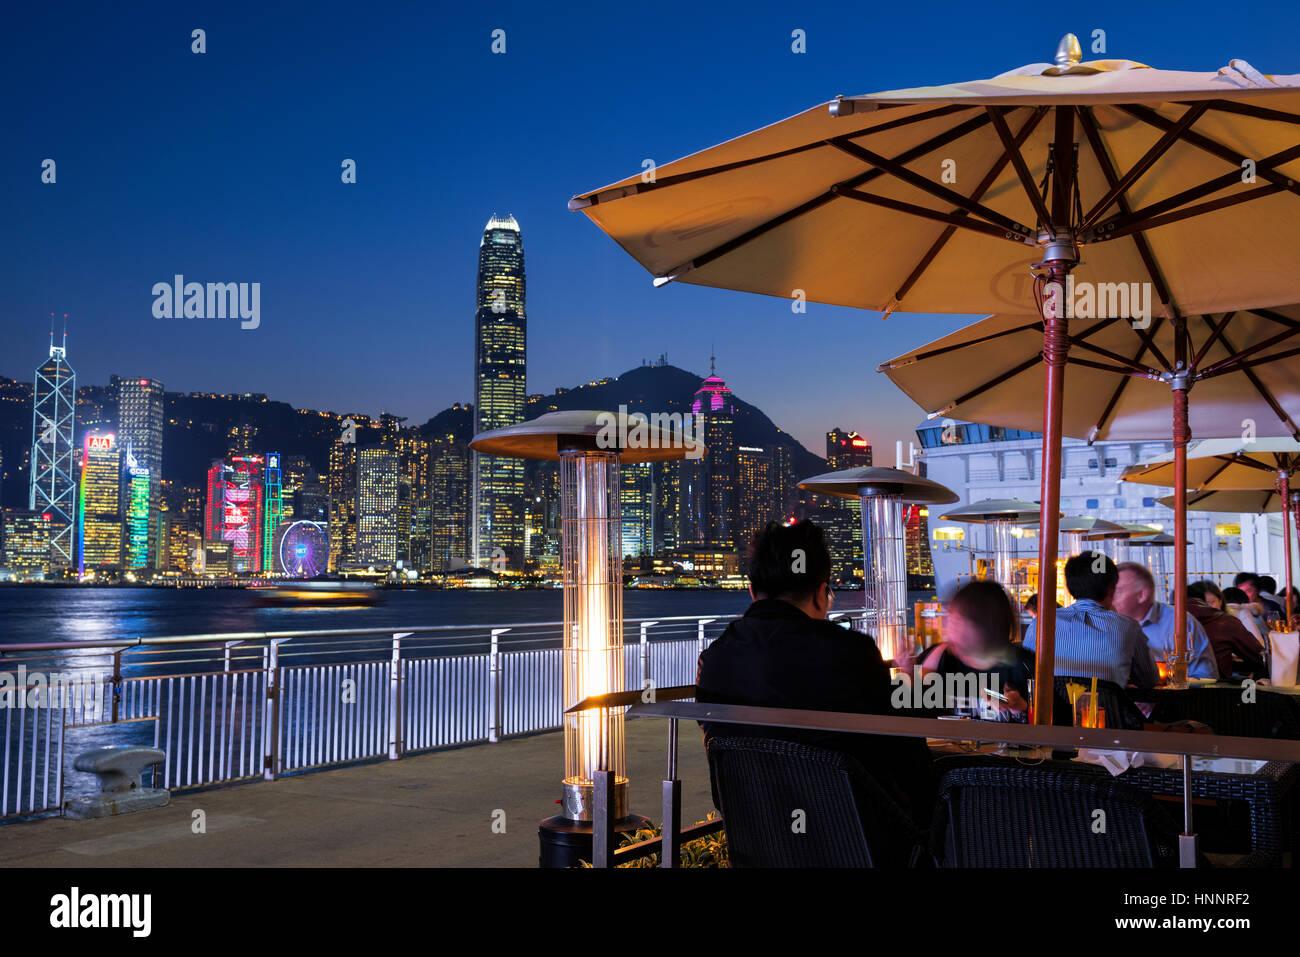 Outdoor restaurant facing the Hong Kong skyline, Hong Kong, China. - Stock Image